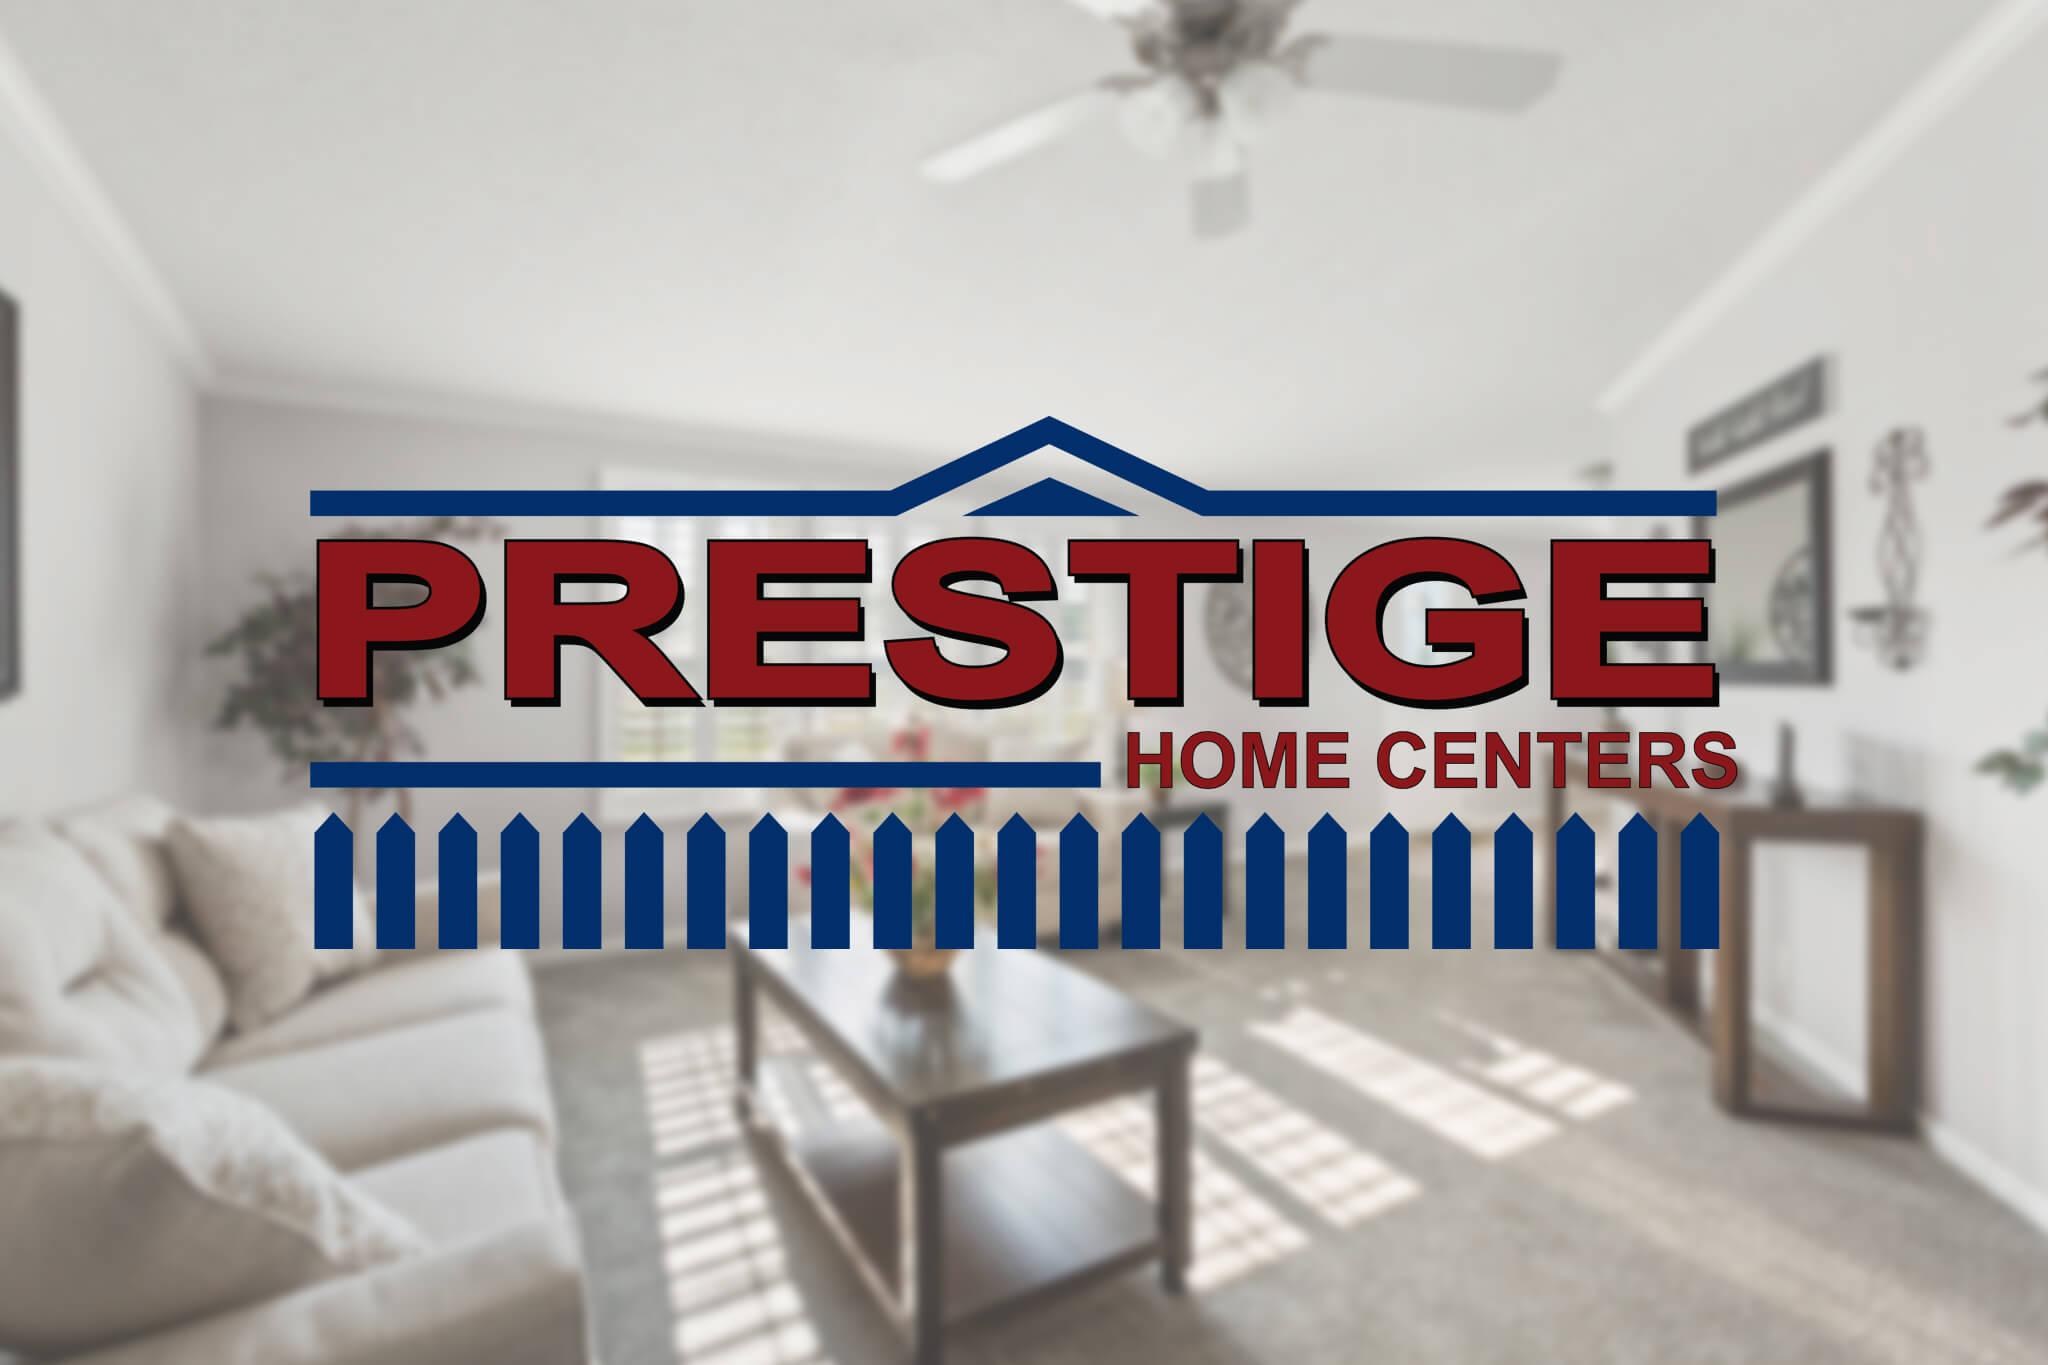 Prestige Home Centers